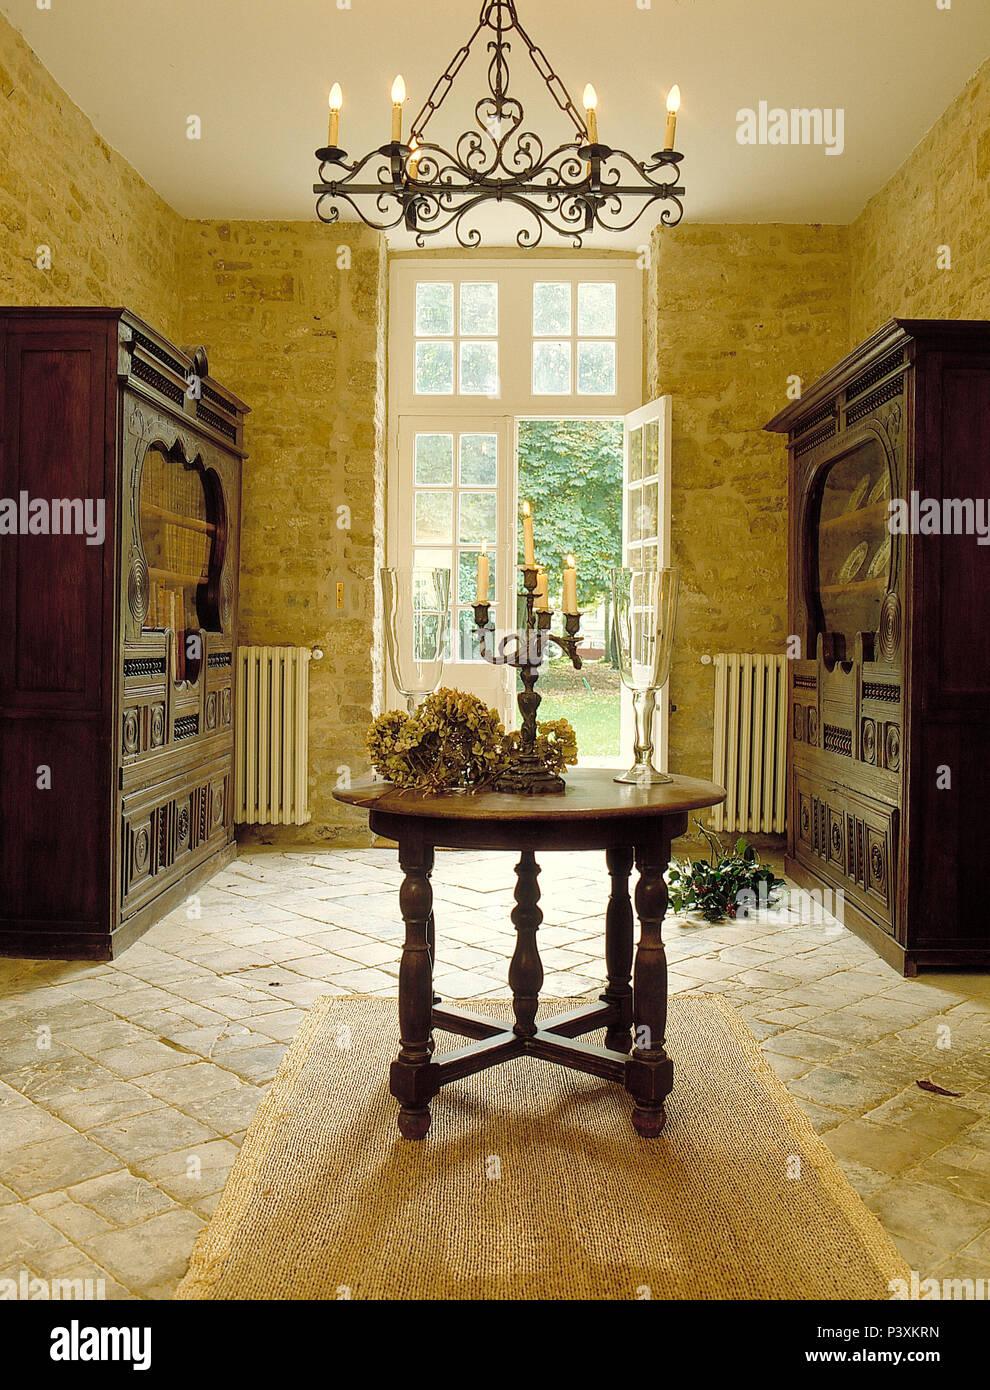 Sisal Teppich Auf Stein Fliesen Im Franzosischen Landhausstil